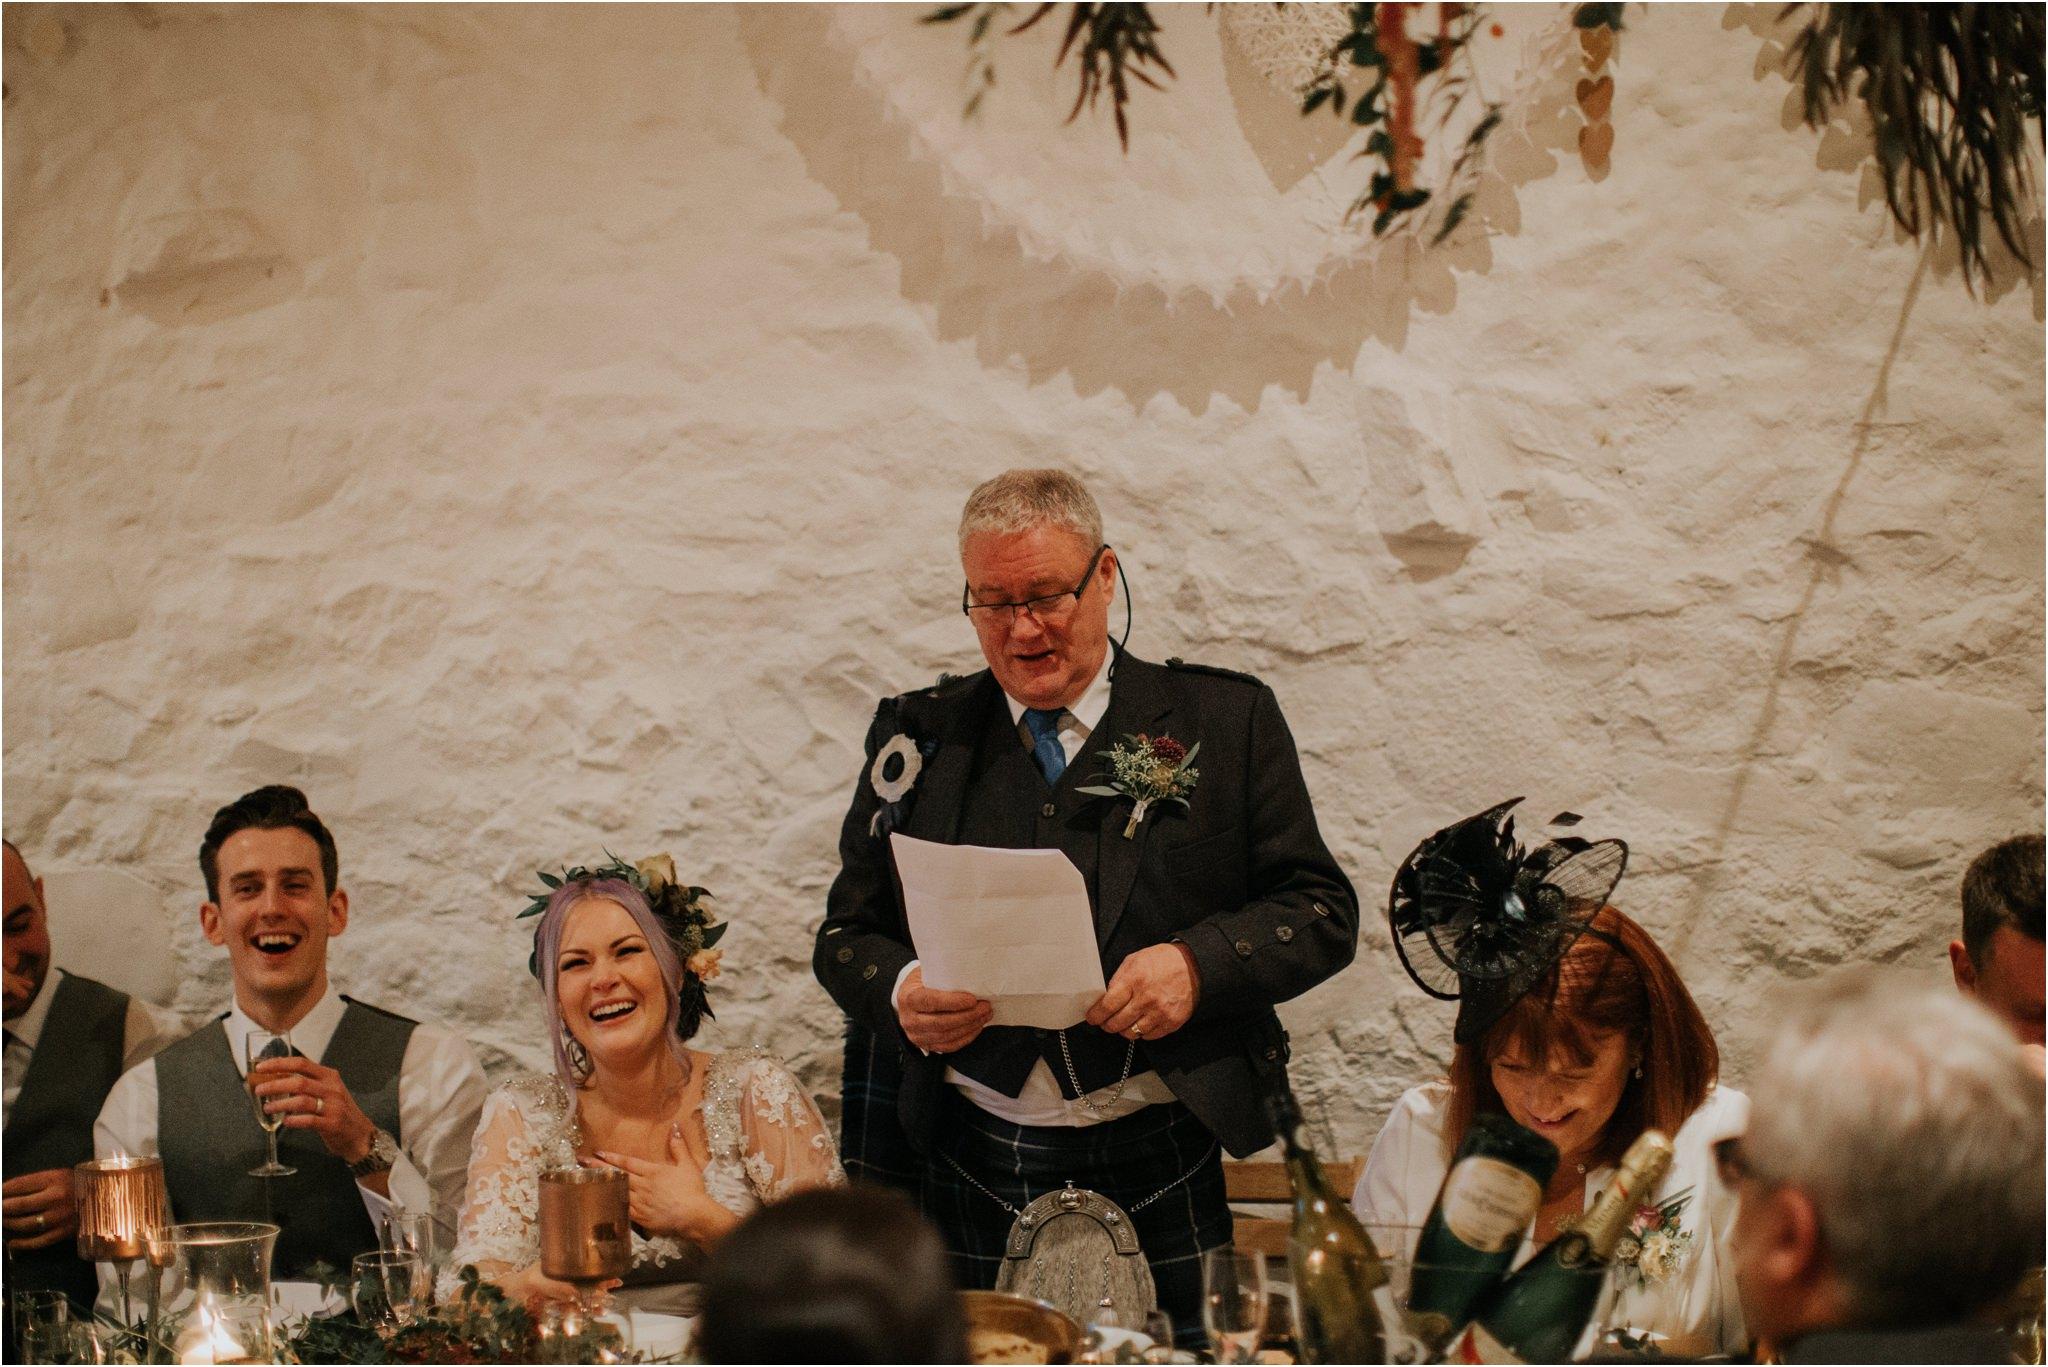 Photography 78 - Glasgow Wedding Photographer - Pete & Eilidh - Dalduff Farm_0087.jpg